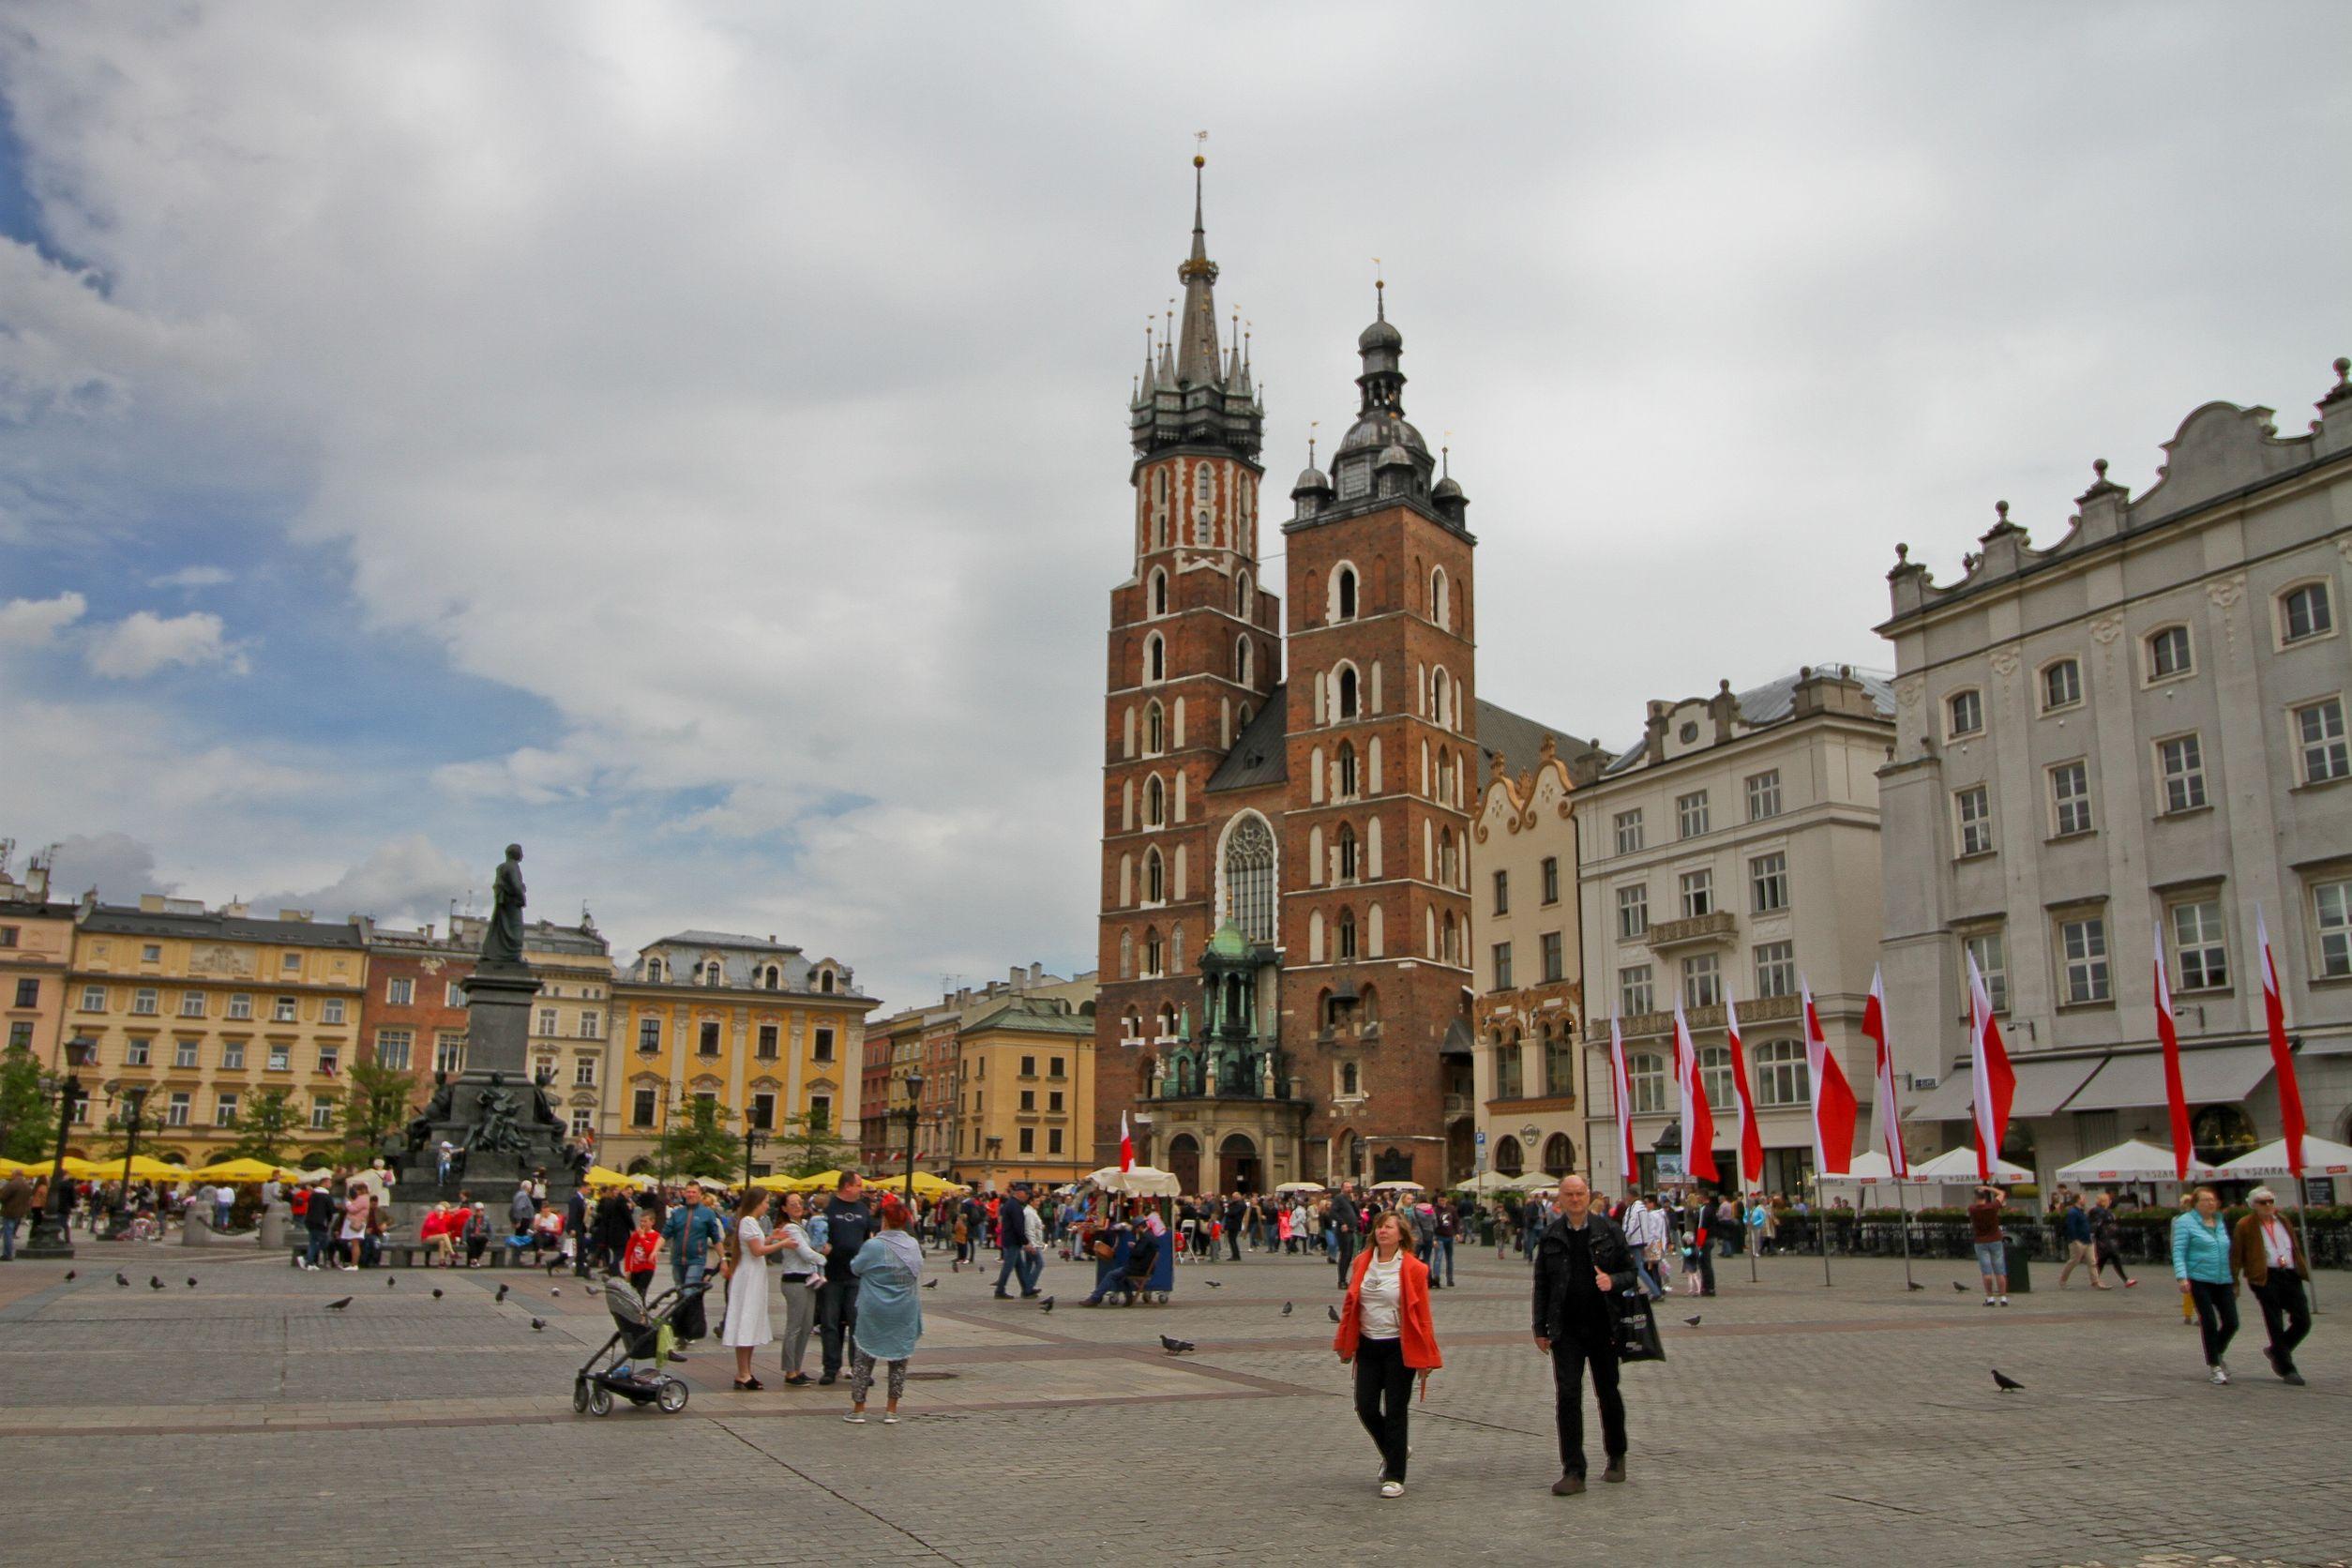 Städtereise Krakau: Empfehlungen und Vergleich (09/21)